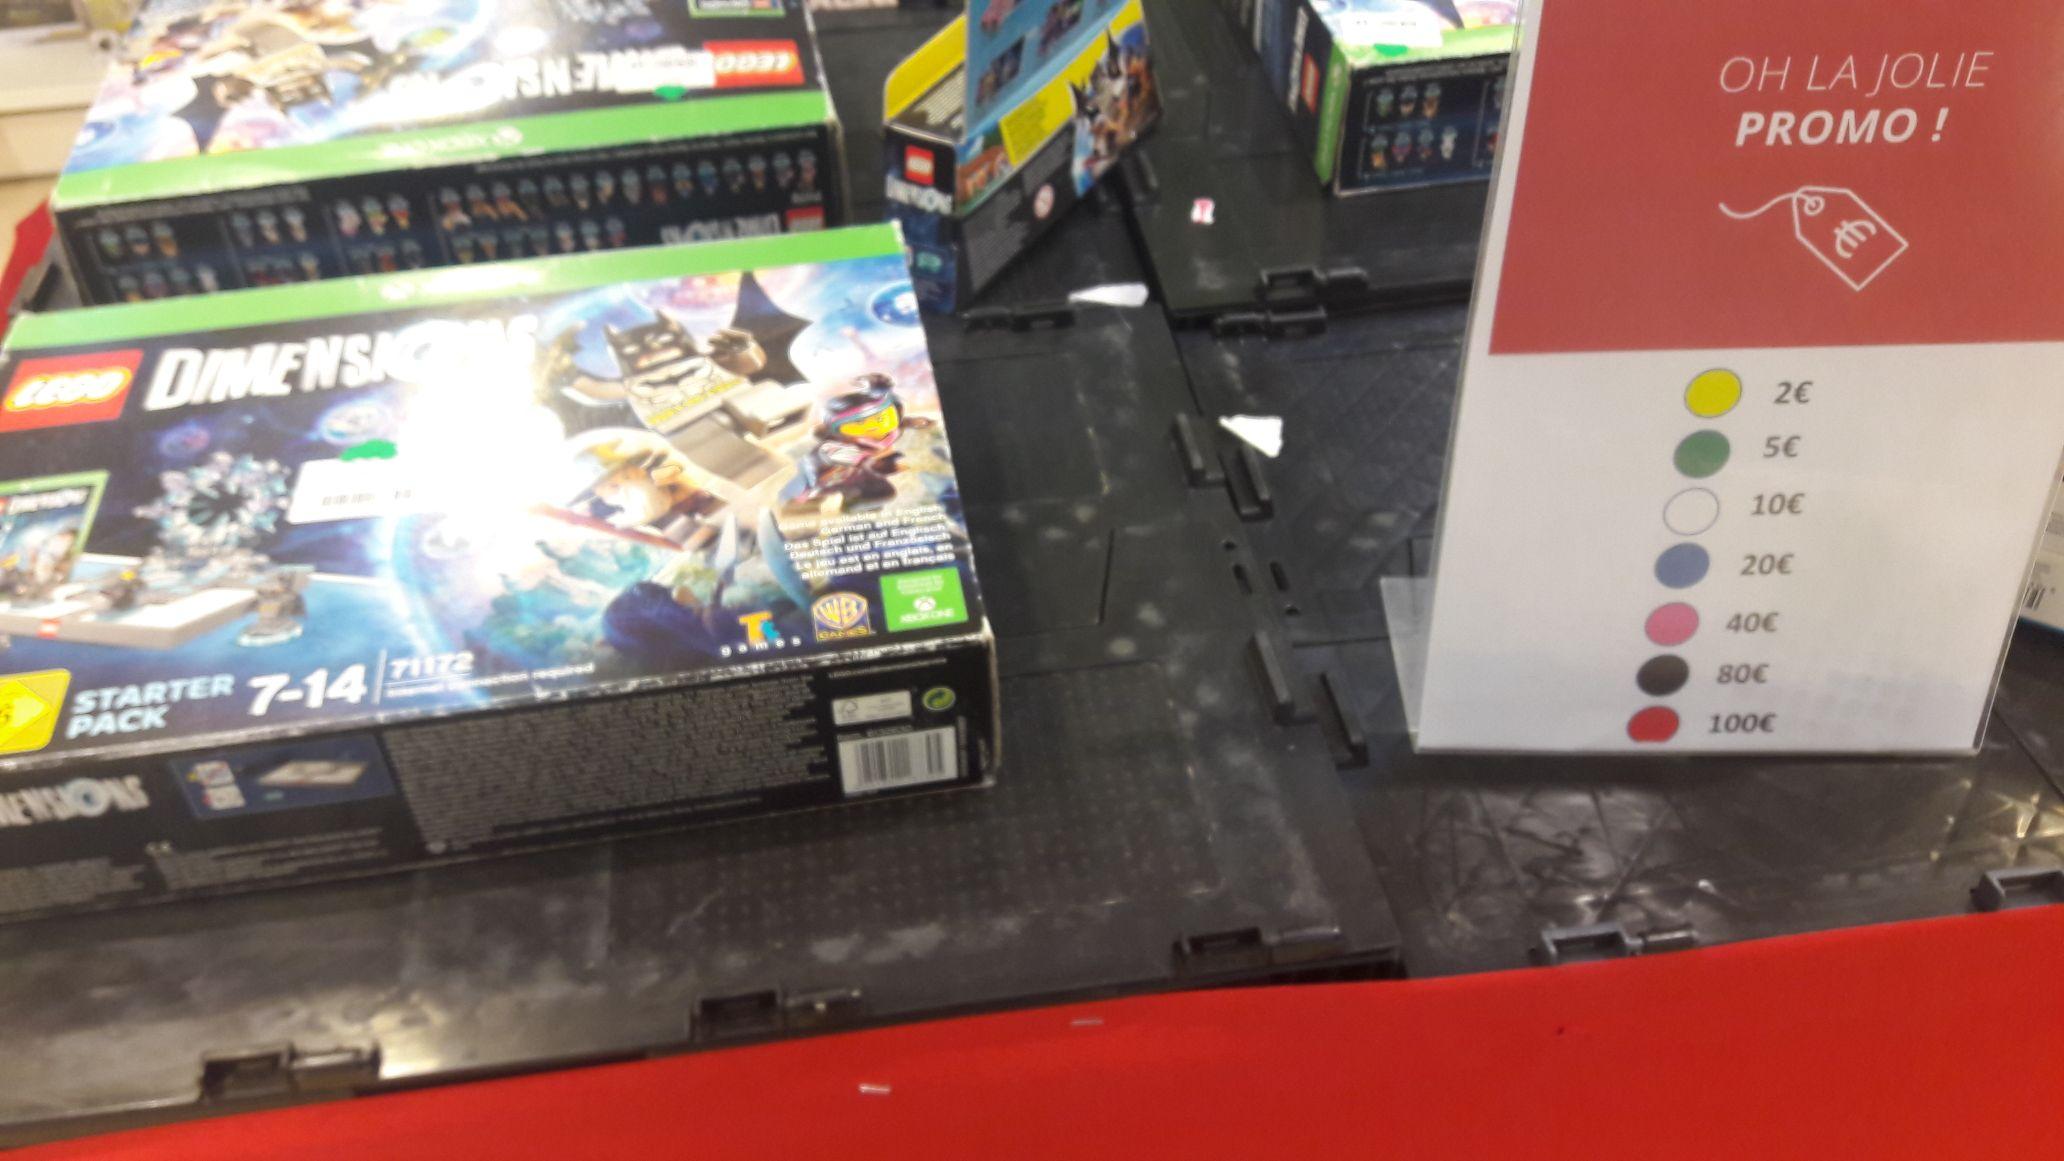 Jeu Lego Dimensions Starter Pack sur Xbox One - Cognières (78)